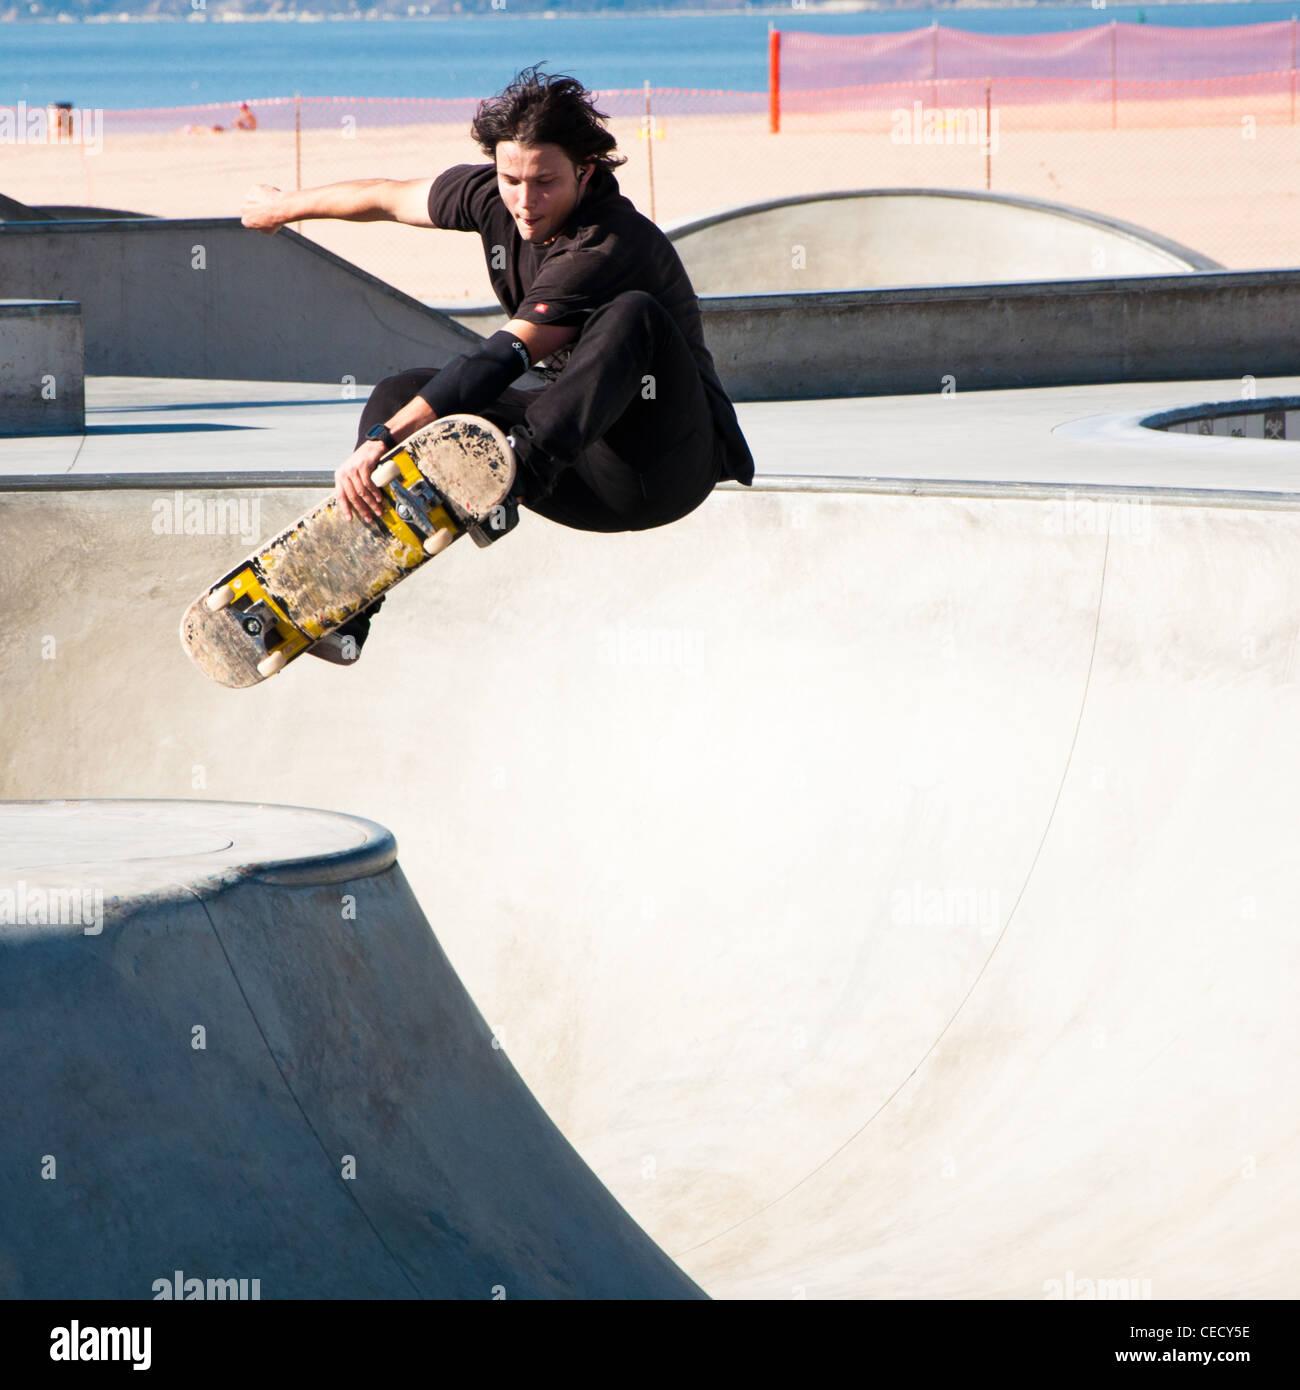 Guidatore di skateboard suona presso la spiaggia di Venice Skate Park, Los Angeles. Immagini Stock